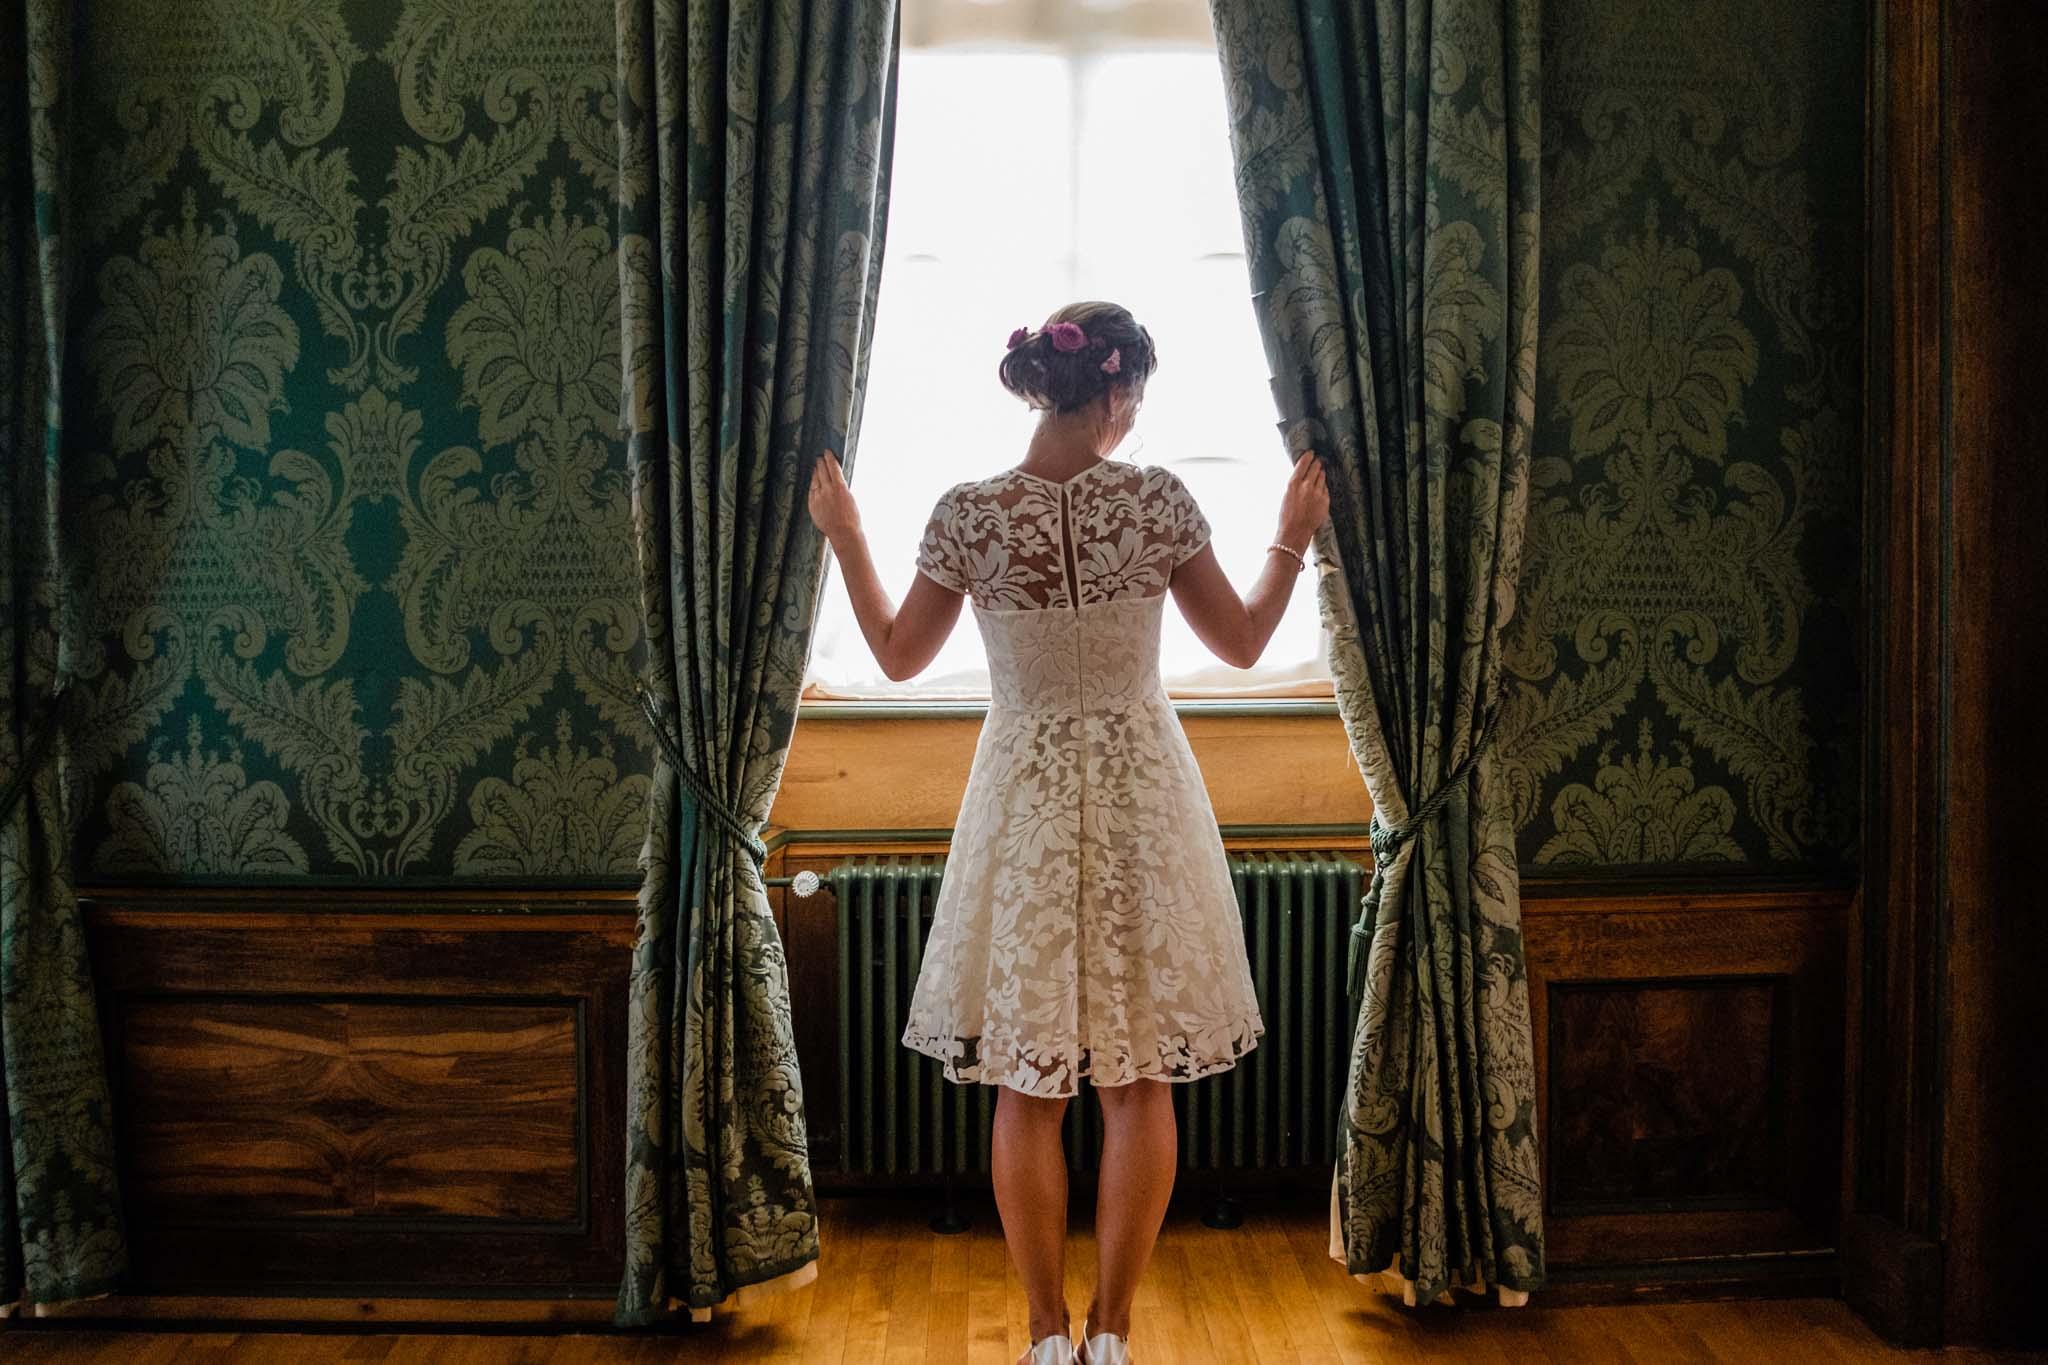 Trauung im Schloss Bad Pyrmont. Standesamtliche Trauung im Schloss Bad Pyrmont. Hochzeit im Schloss Bad Pyrmont